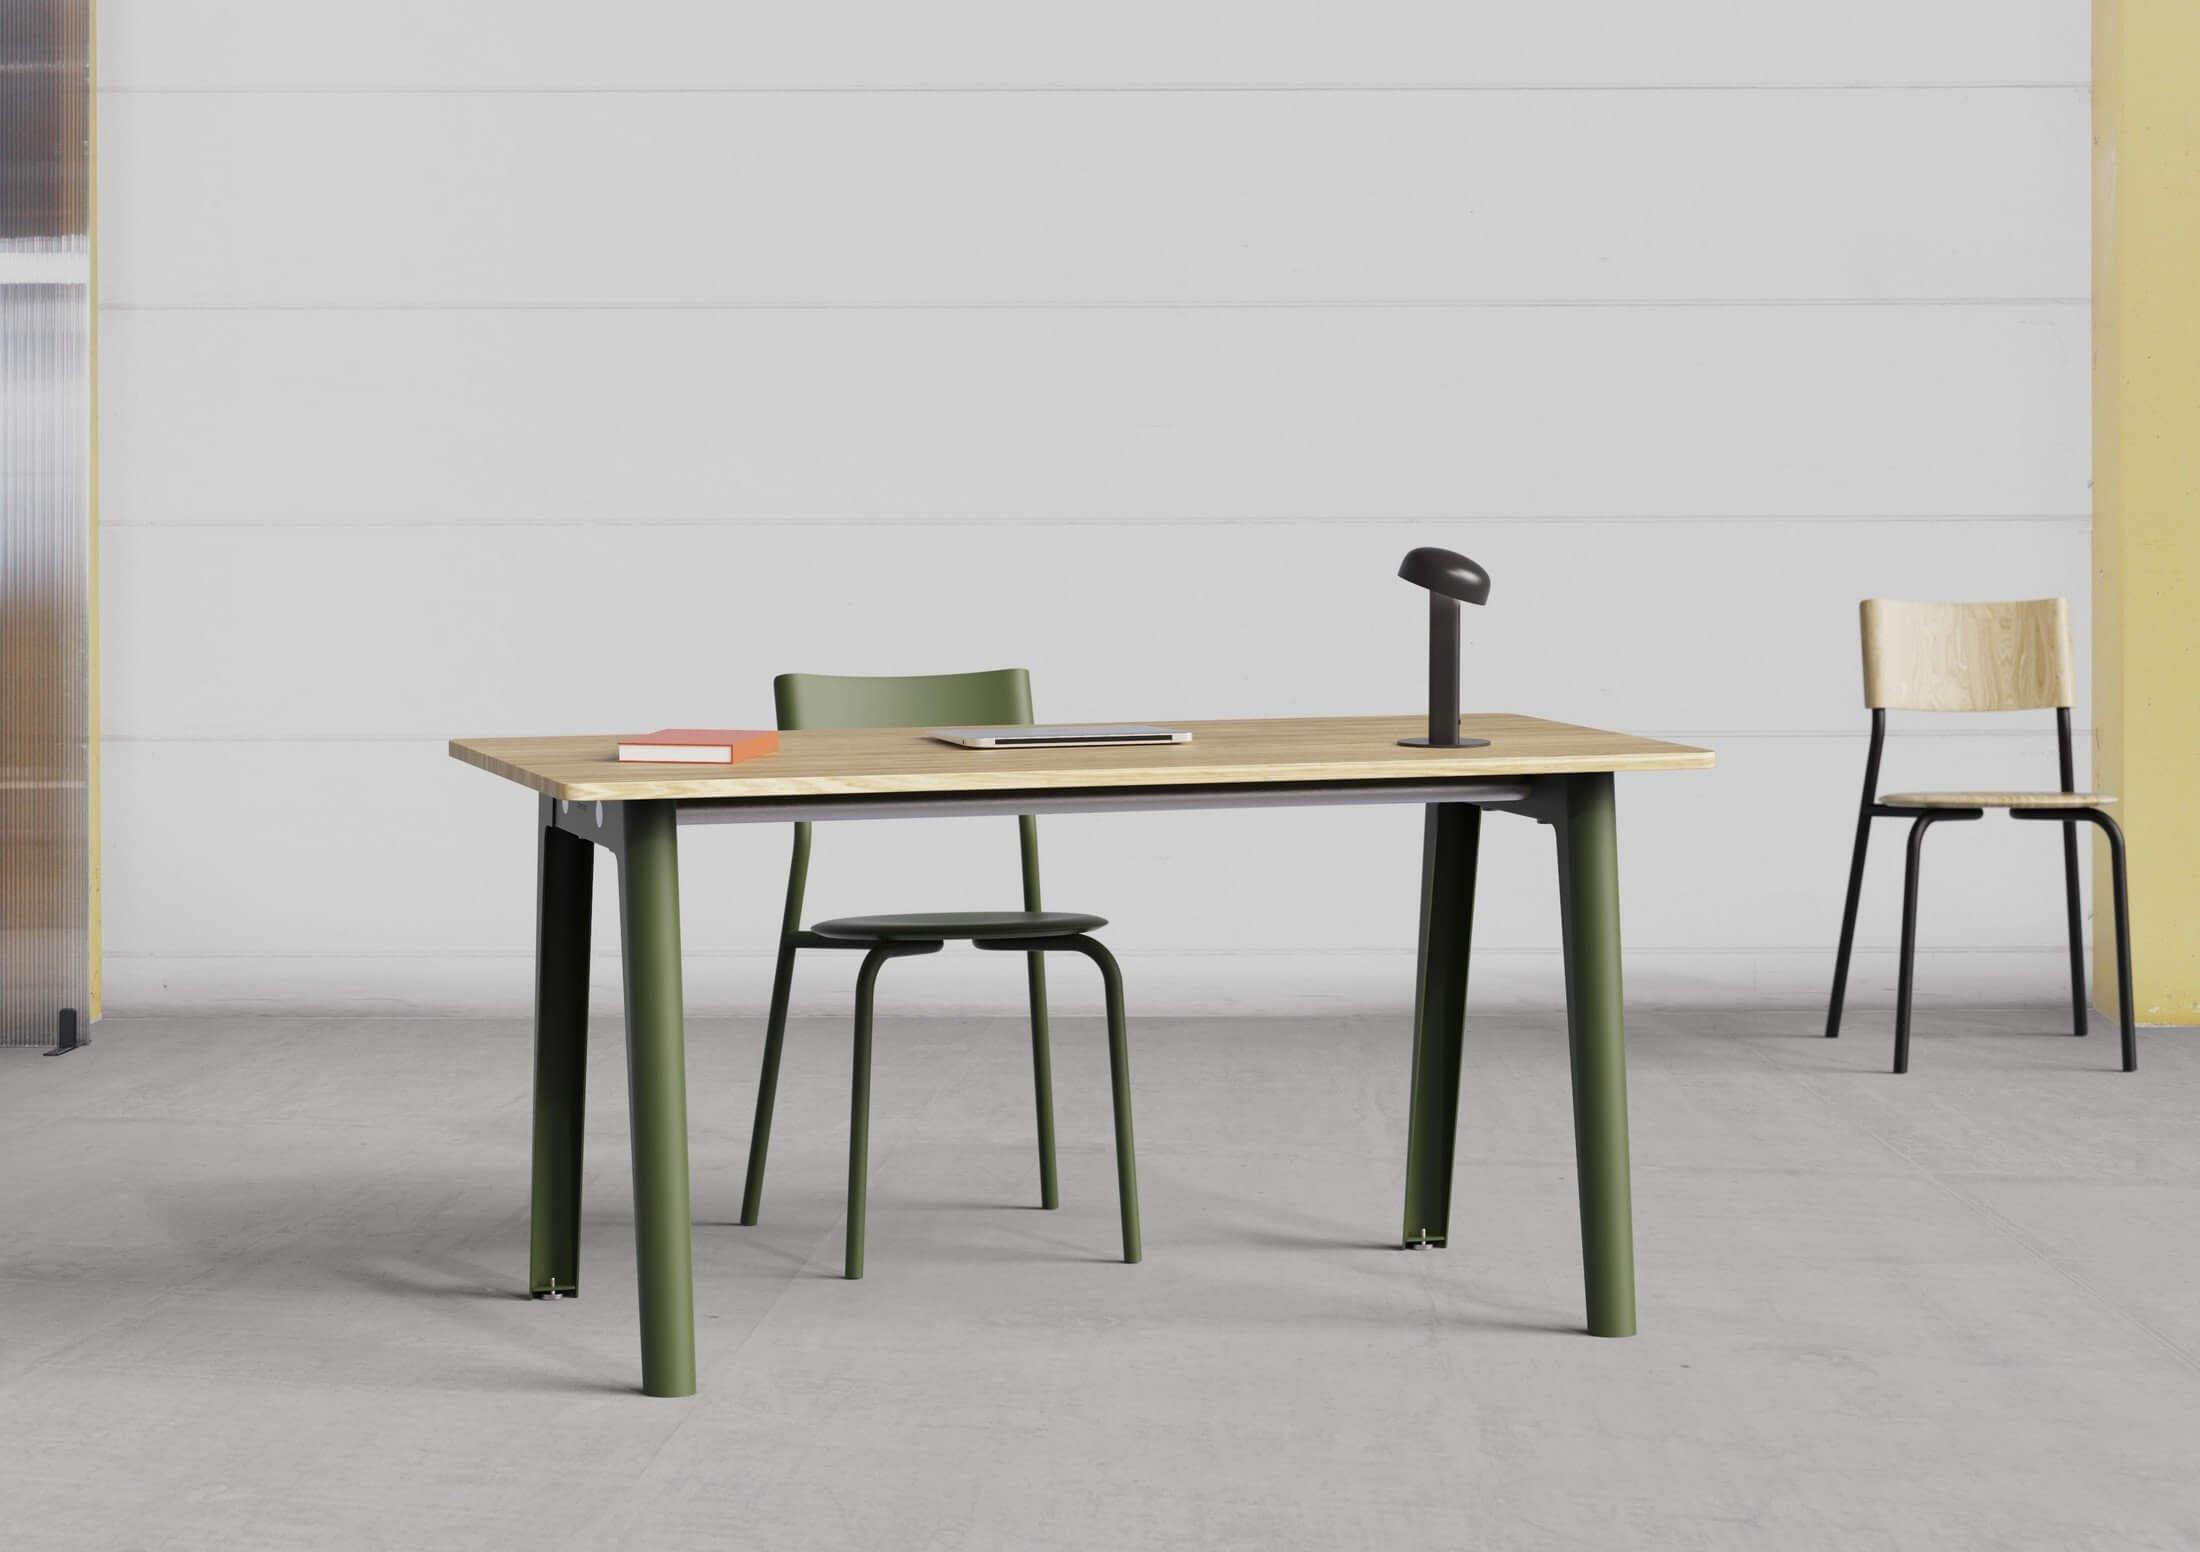 Bureau bench pied de couleur et plateau bois.